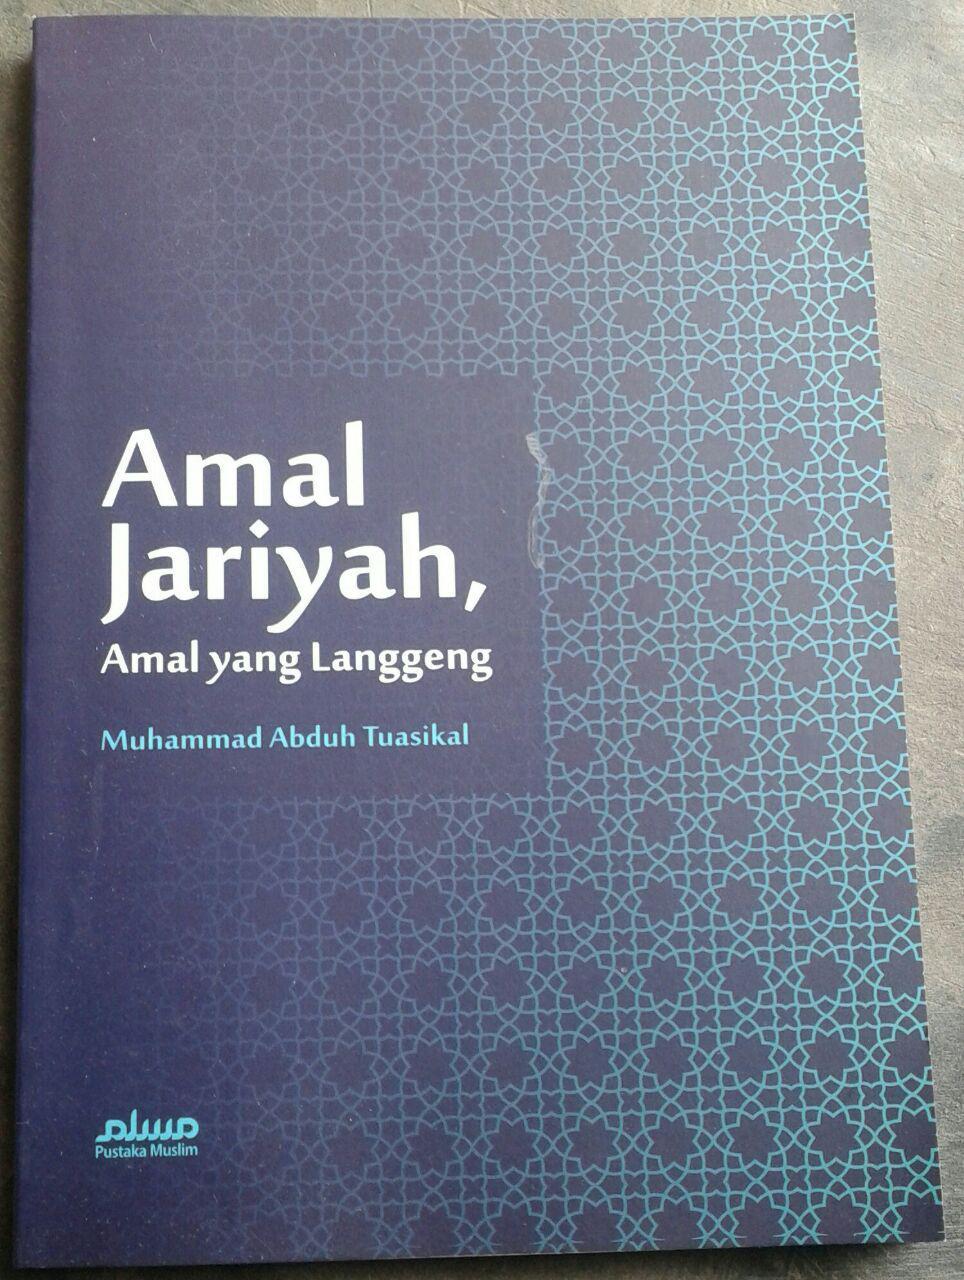 Buku Amal Jariyah Amal Yang Langgeng cover